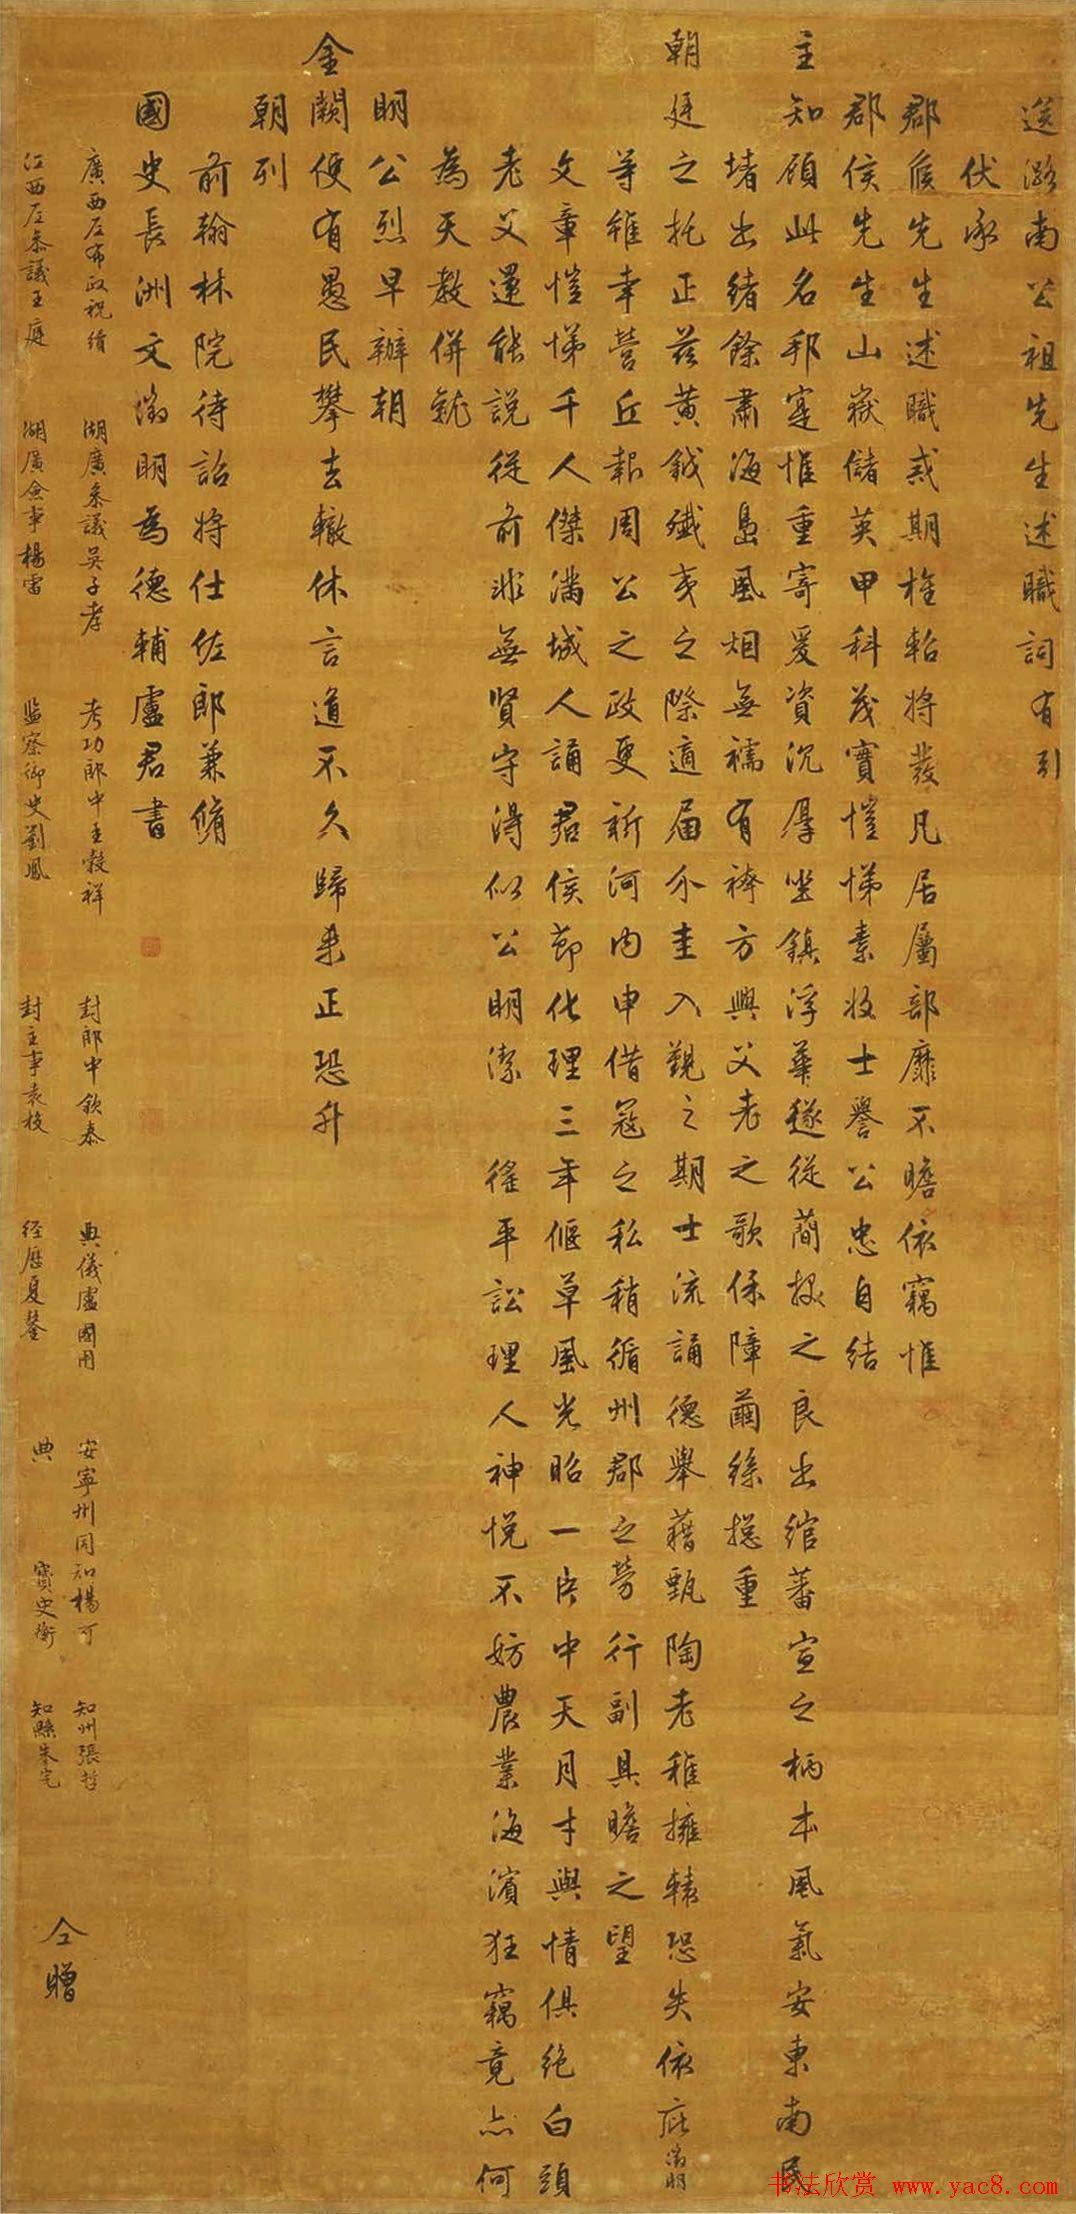 文徵明行楷书赏析《送潞南公祖先生述职词》轴